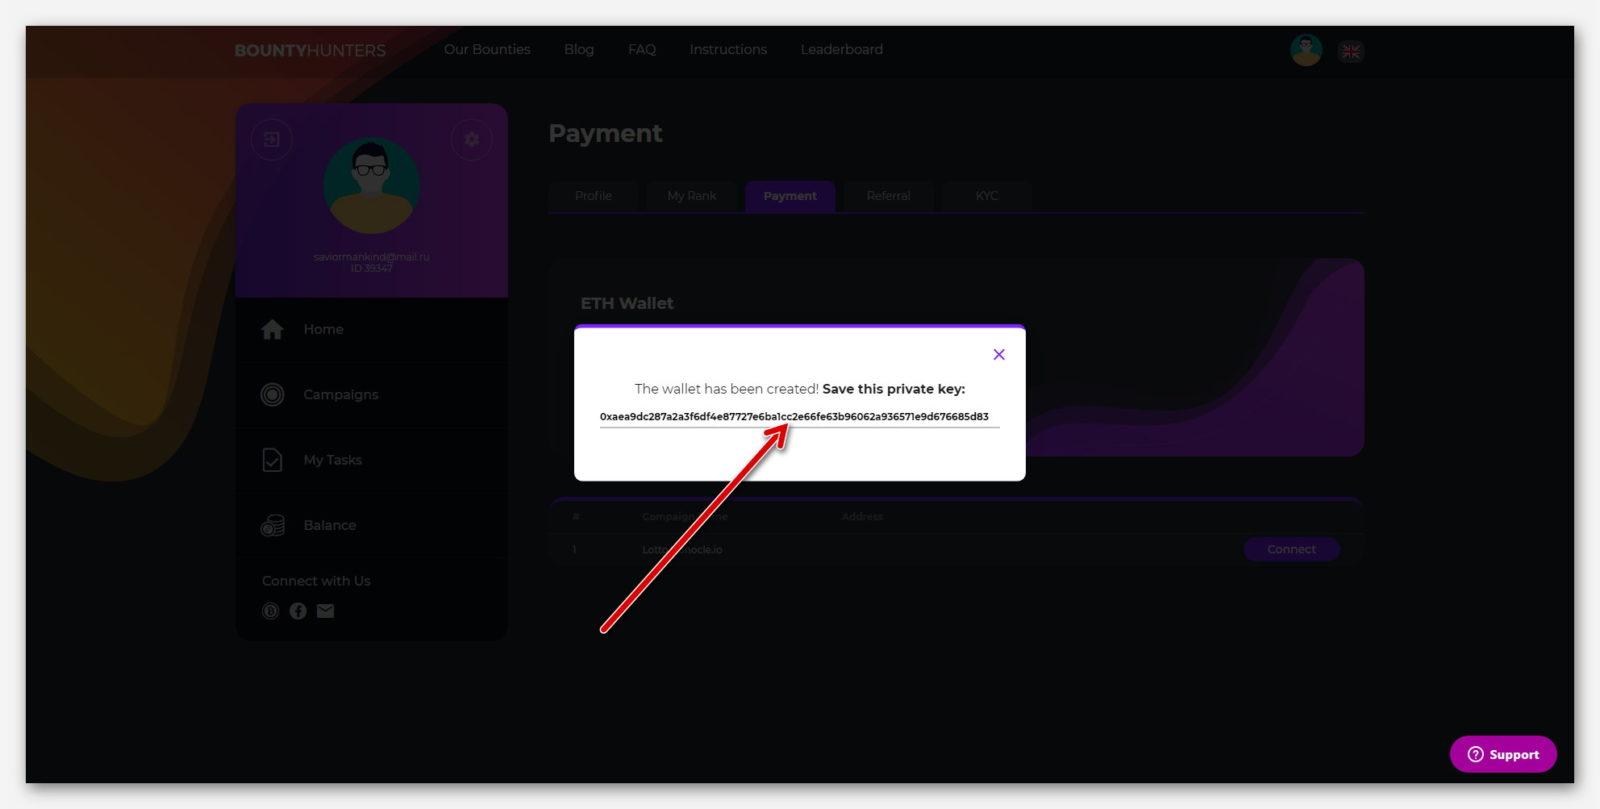 Тестовый приватный ключ, созданный на платформе BountyHunters